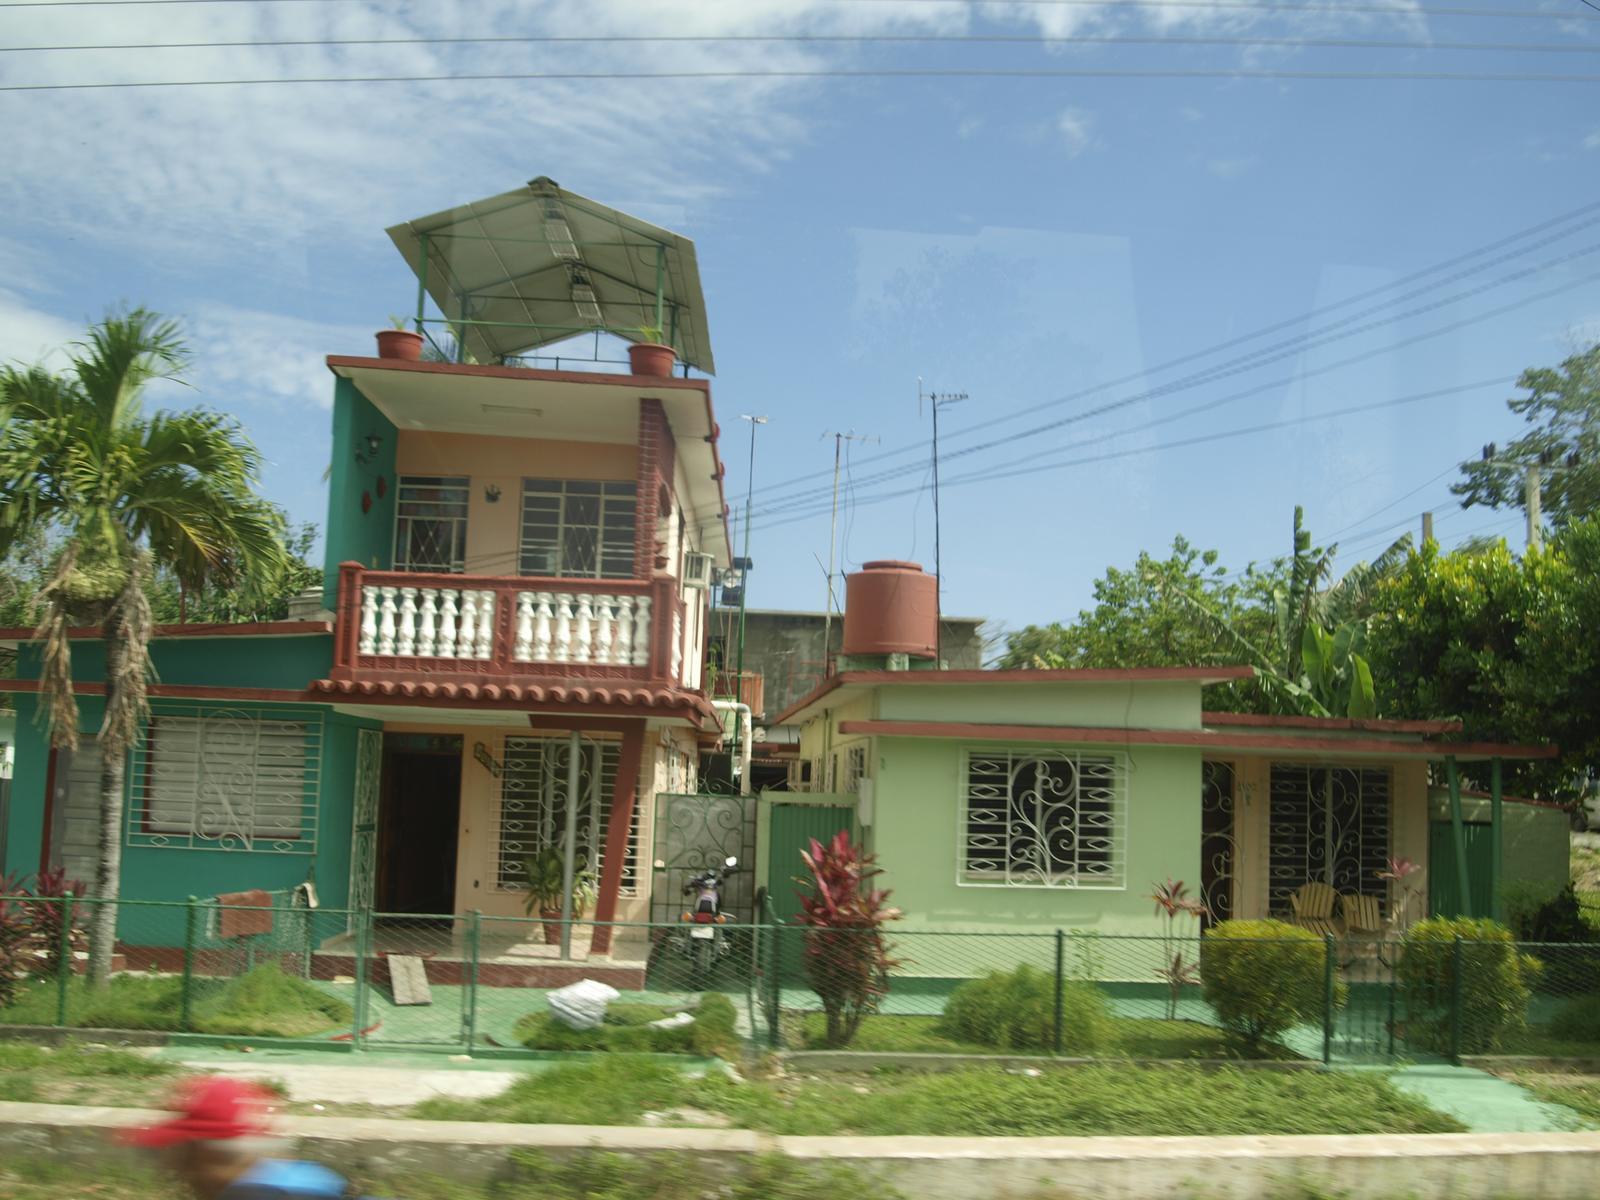 Kuba architektúra - Havanu a Varadero už asi videl každý,tak preto po dedinách